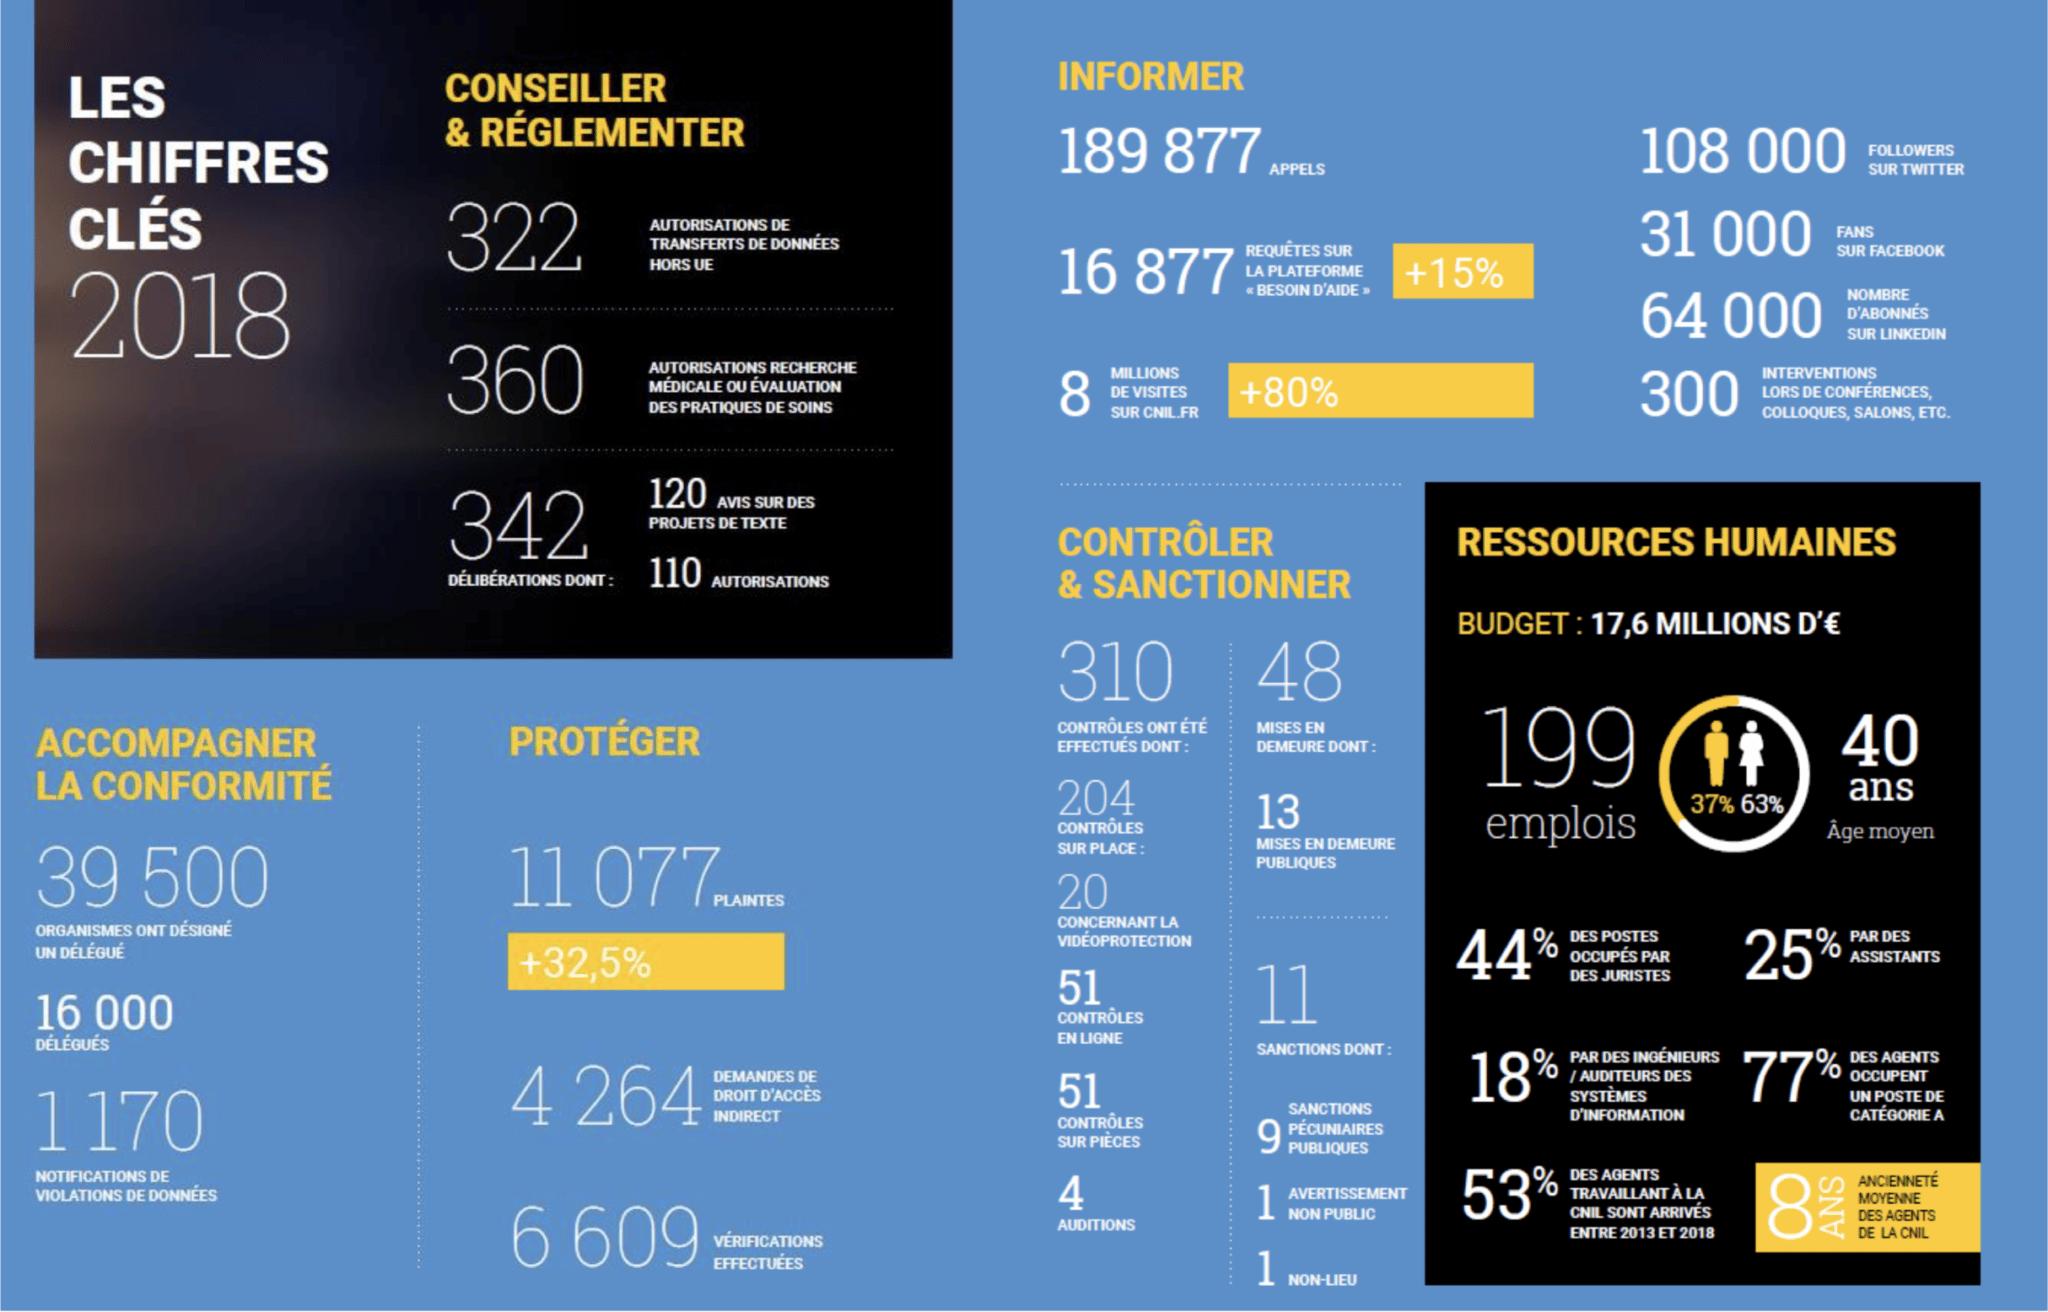 Source CNIL : les chiffres clés 2018